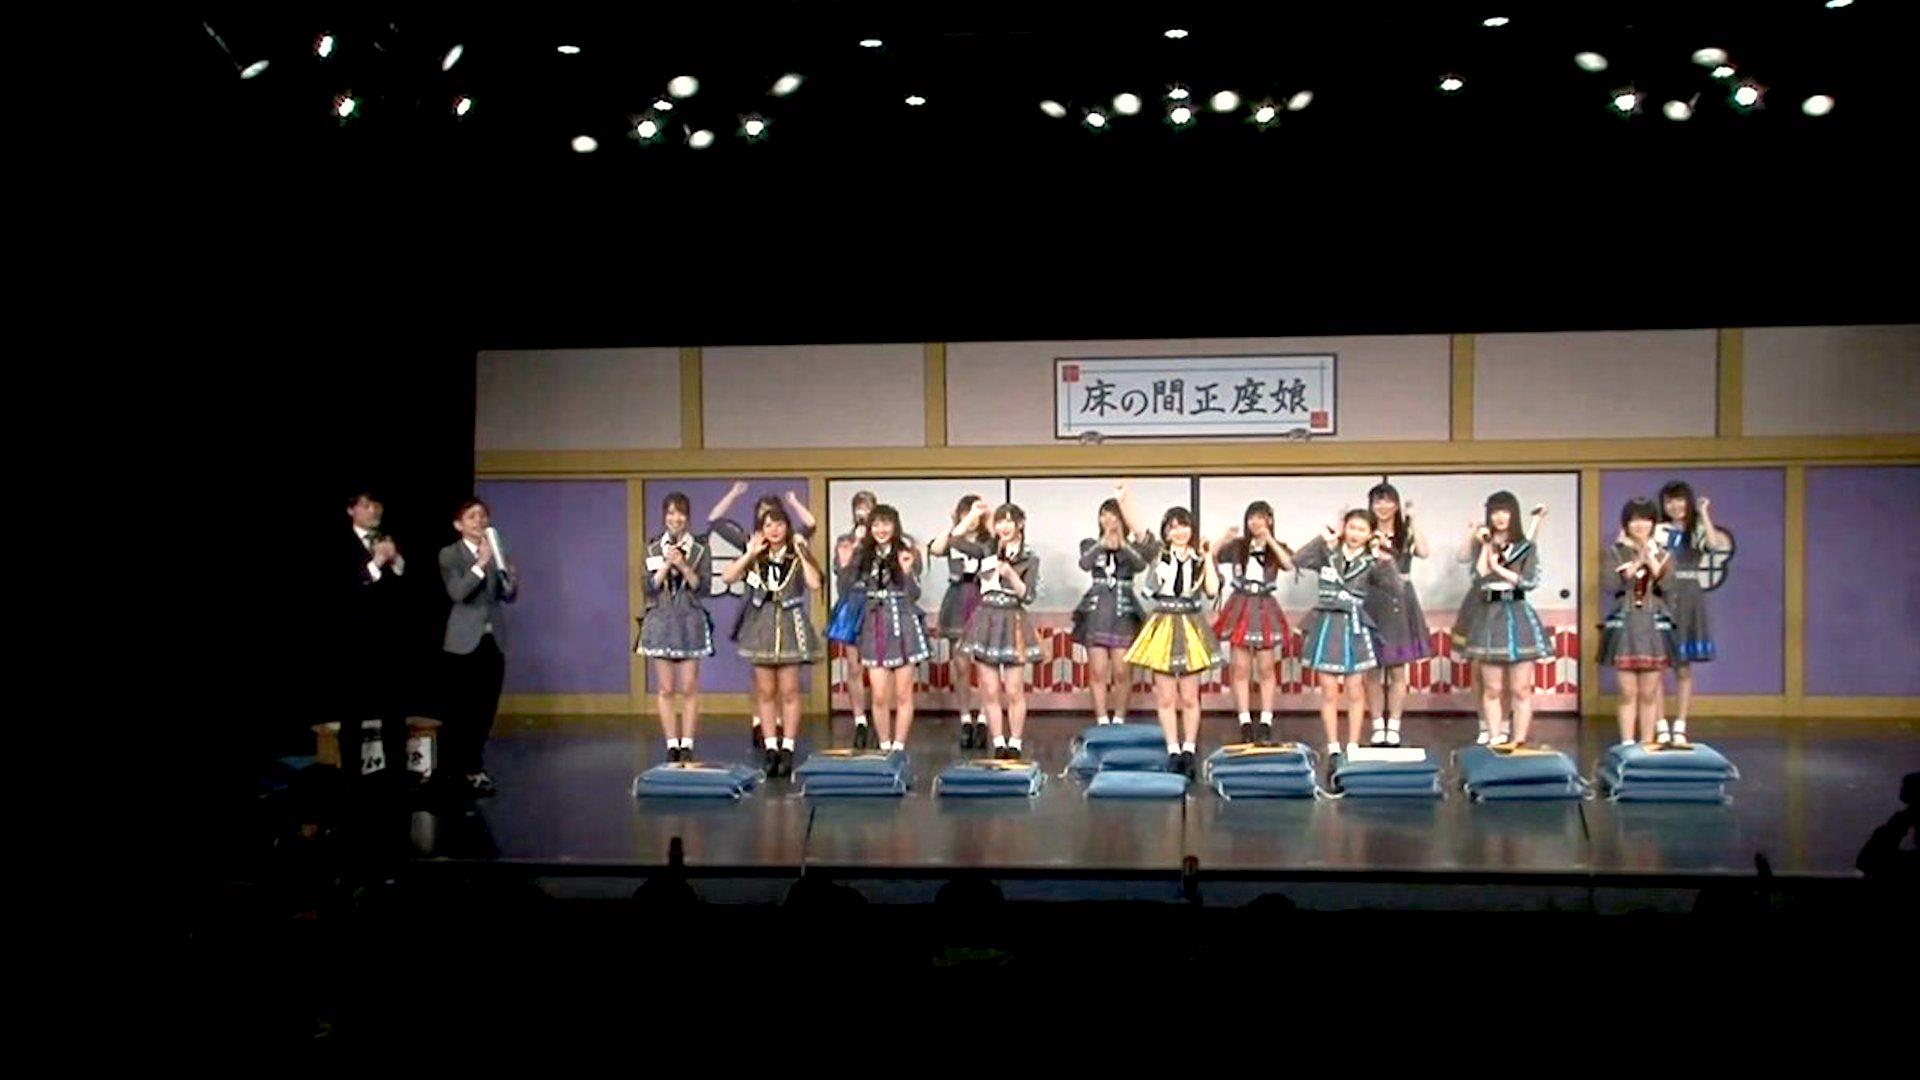 【NMB48】大阪チャンネル生配信・チームBⅡ出演の「難波正座祭り」第2部となんばウォークイベントの様子など